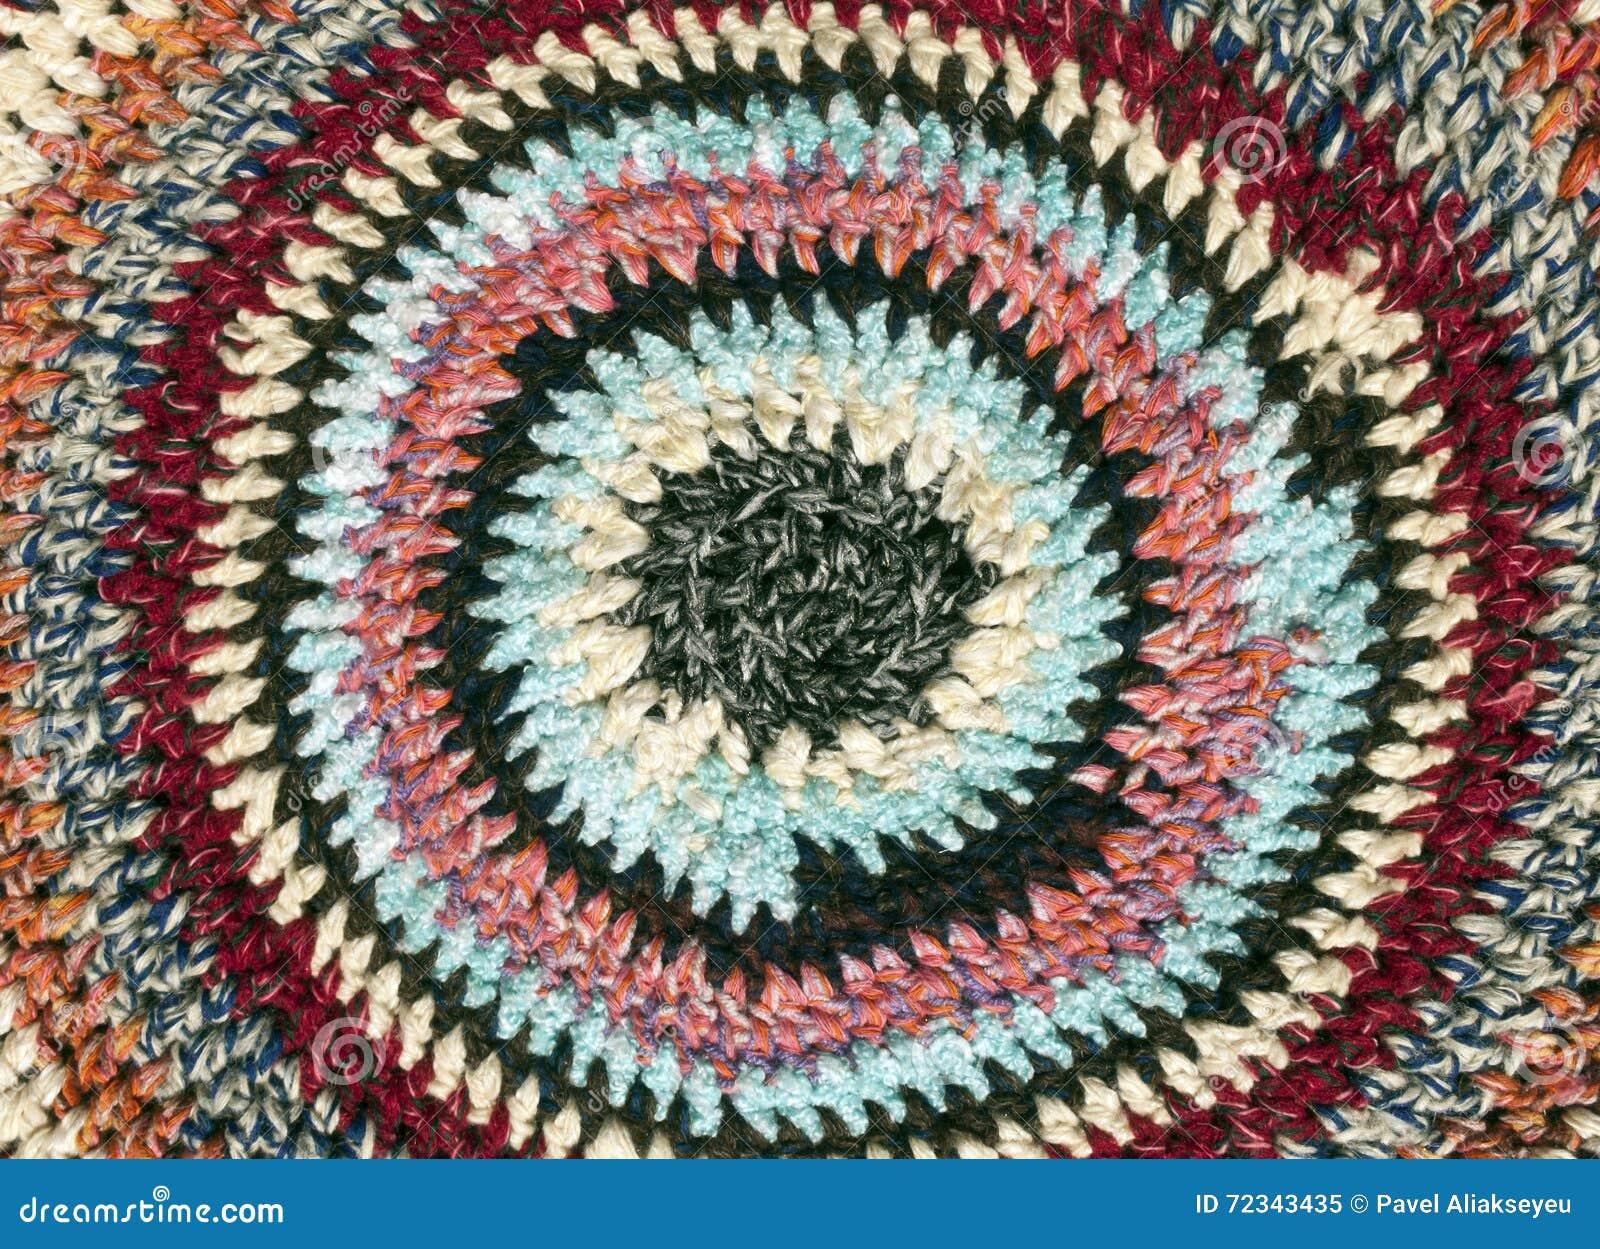 tapis rond color de textile - Tapis Rond Color